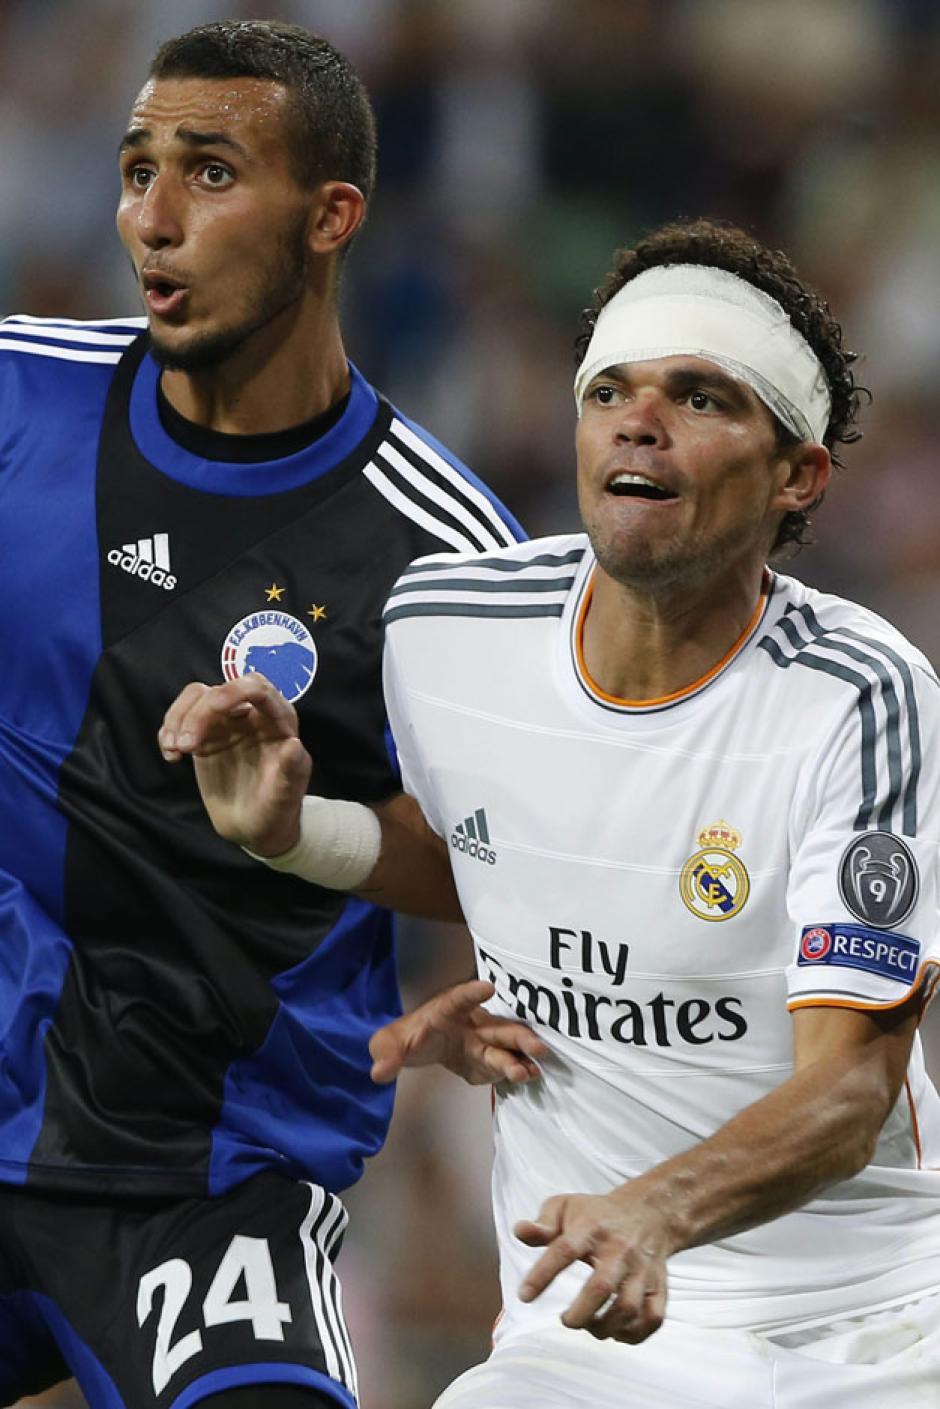 Pepe recibió un cabezazo y tuvo que ser suturado, por lo que regresó al terreno de juego con una venda.